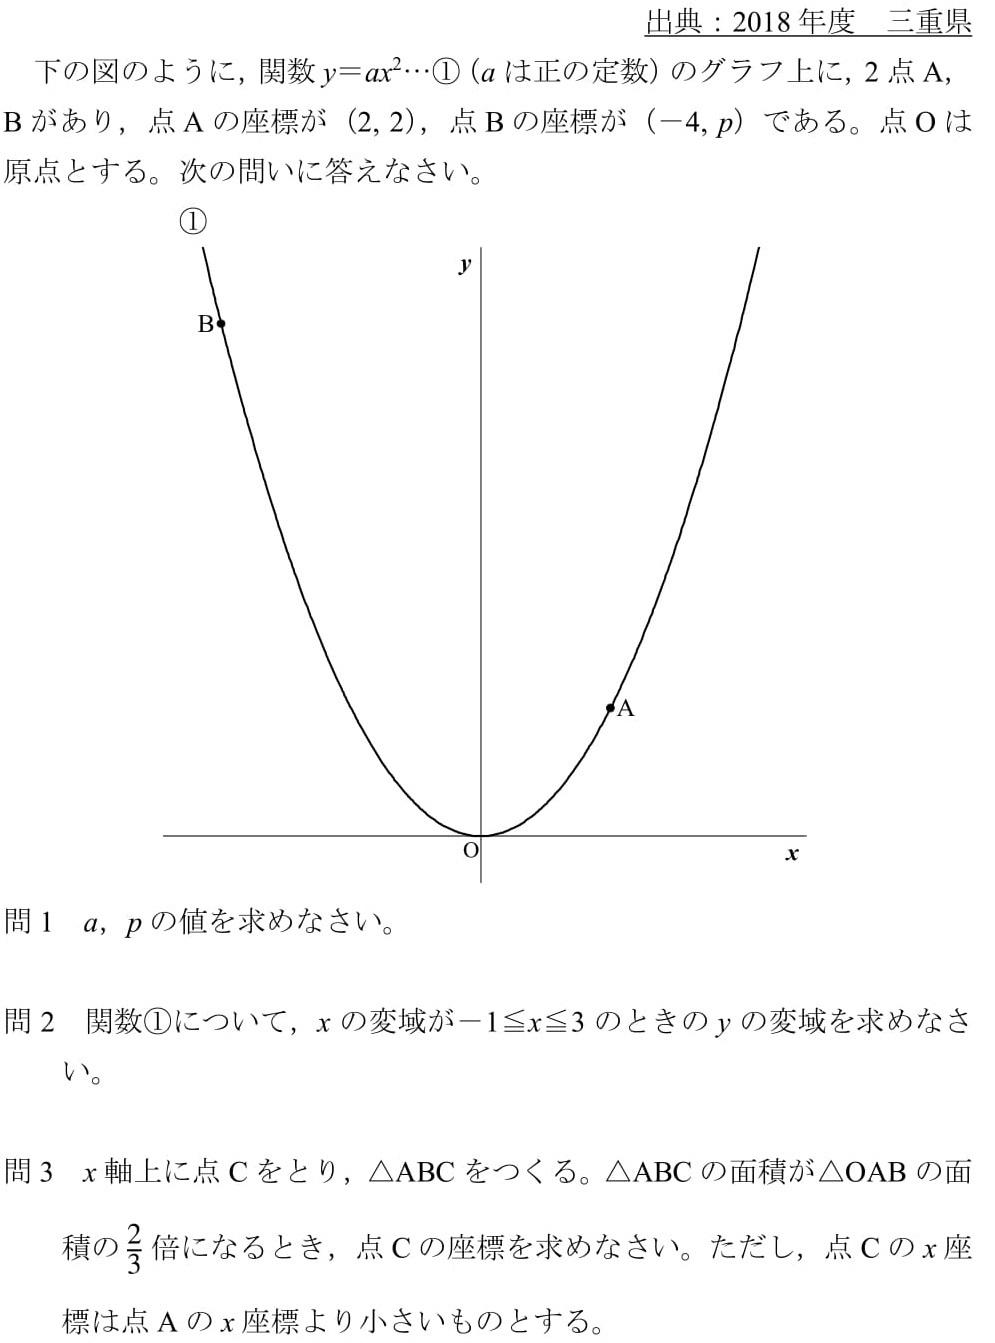 2018 三重県 高校入試 過去問 数学 関数